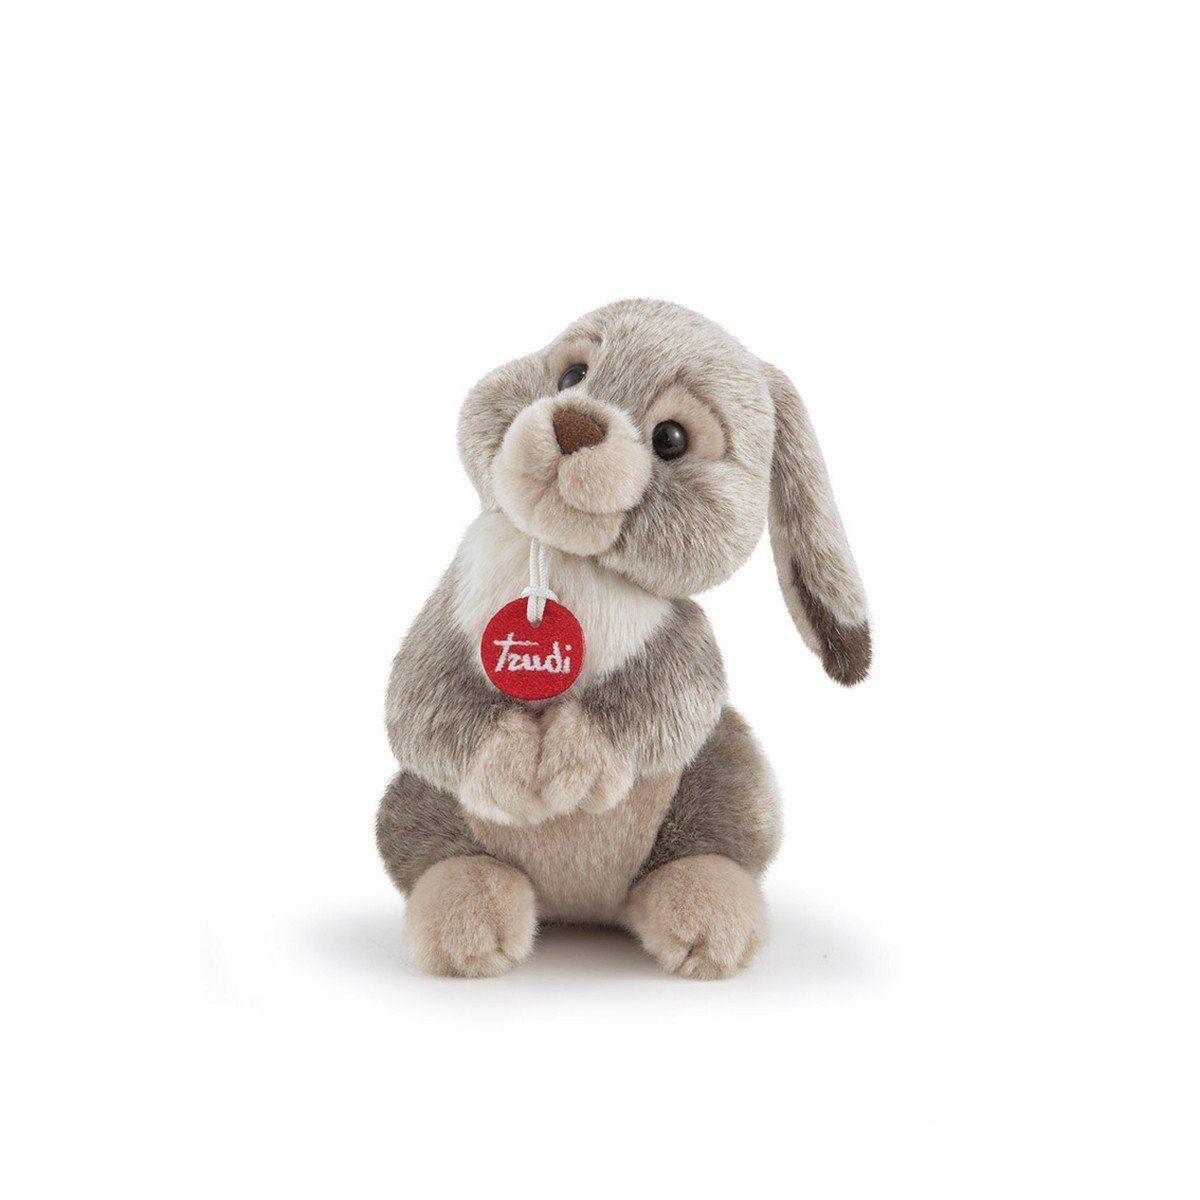 Мягкая игрушка Заяц Лино, 19 см